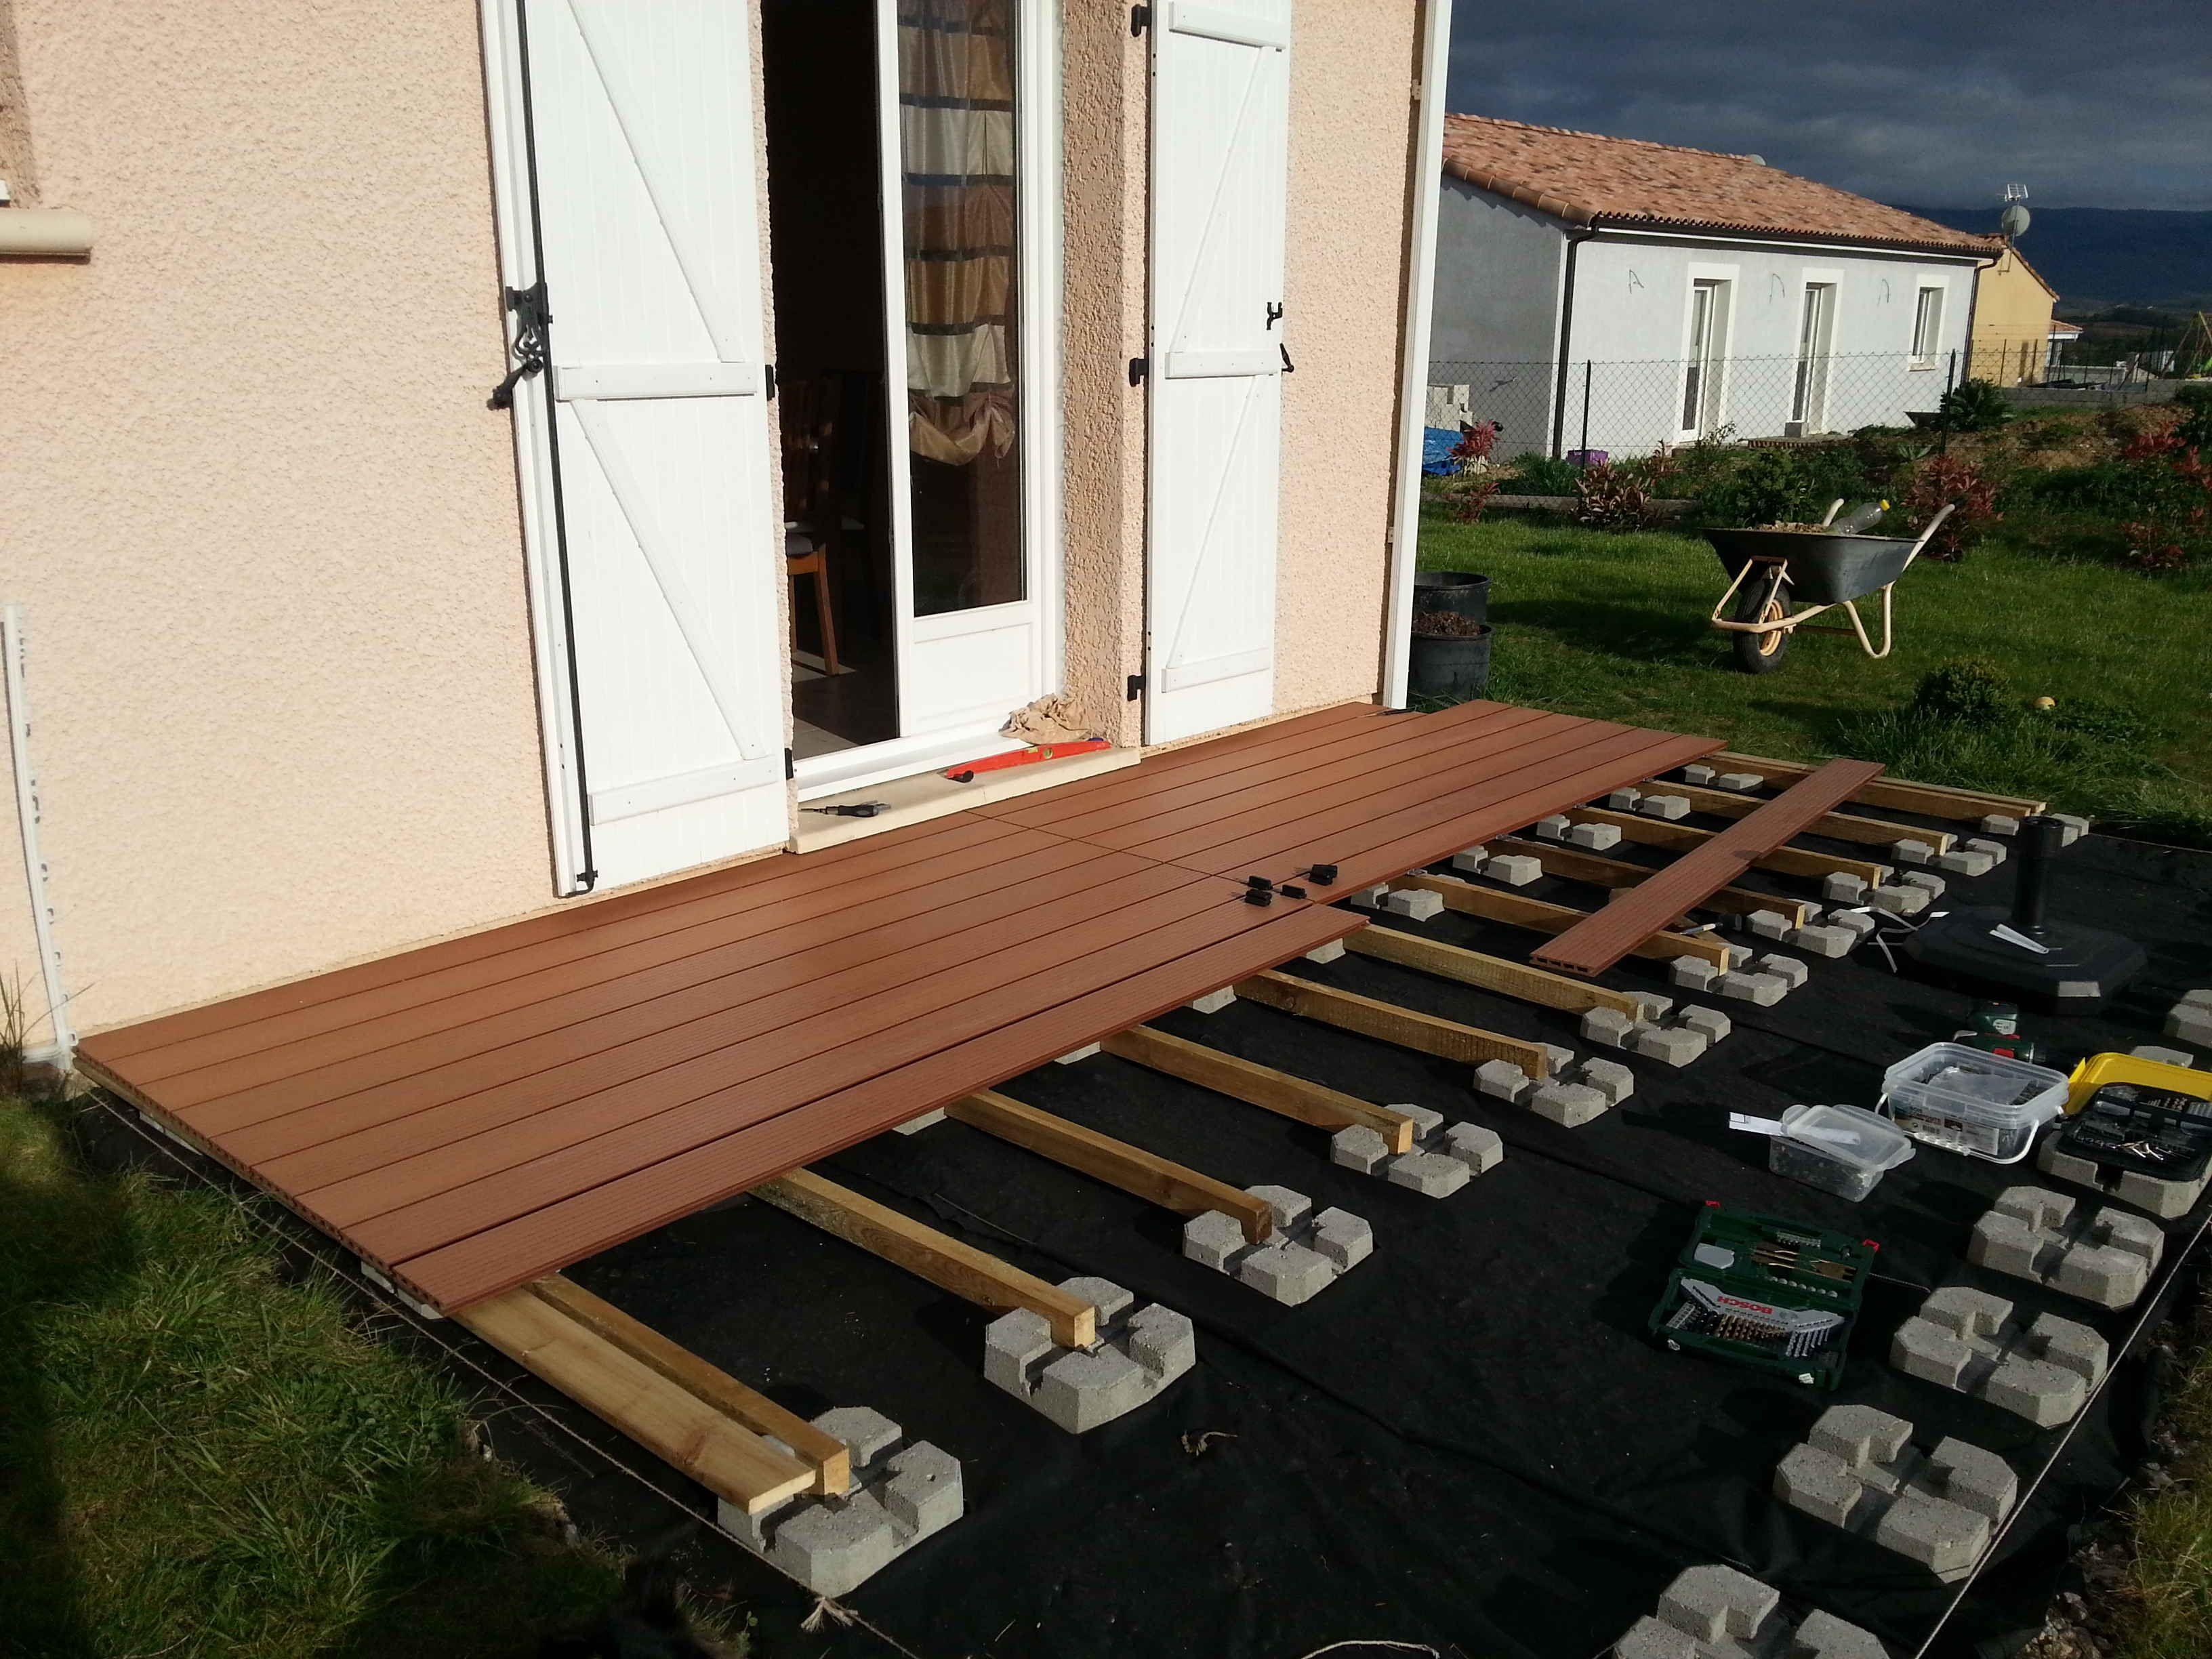 Comment Poser Une Terrasse Composite Sur Lambourdes Et Plots Terrasse Composite Terrasse Bois Composite Terrasse Bois